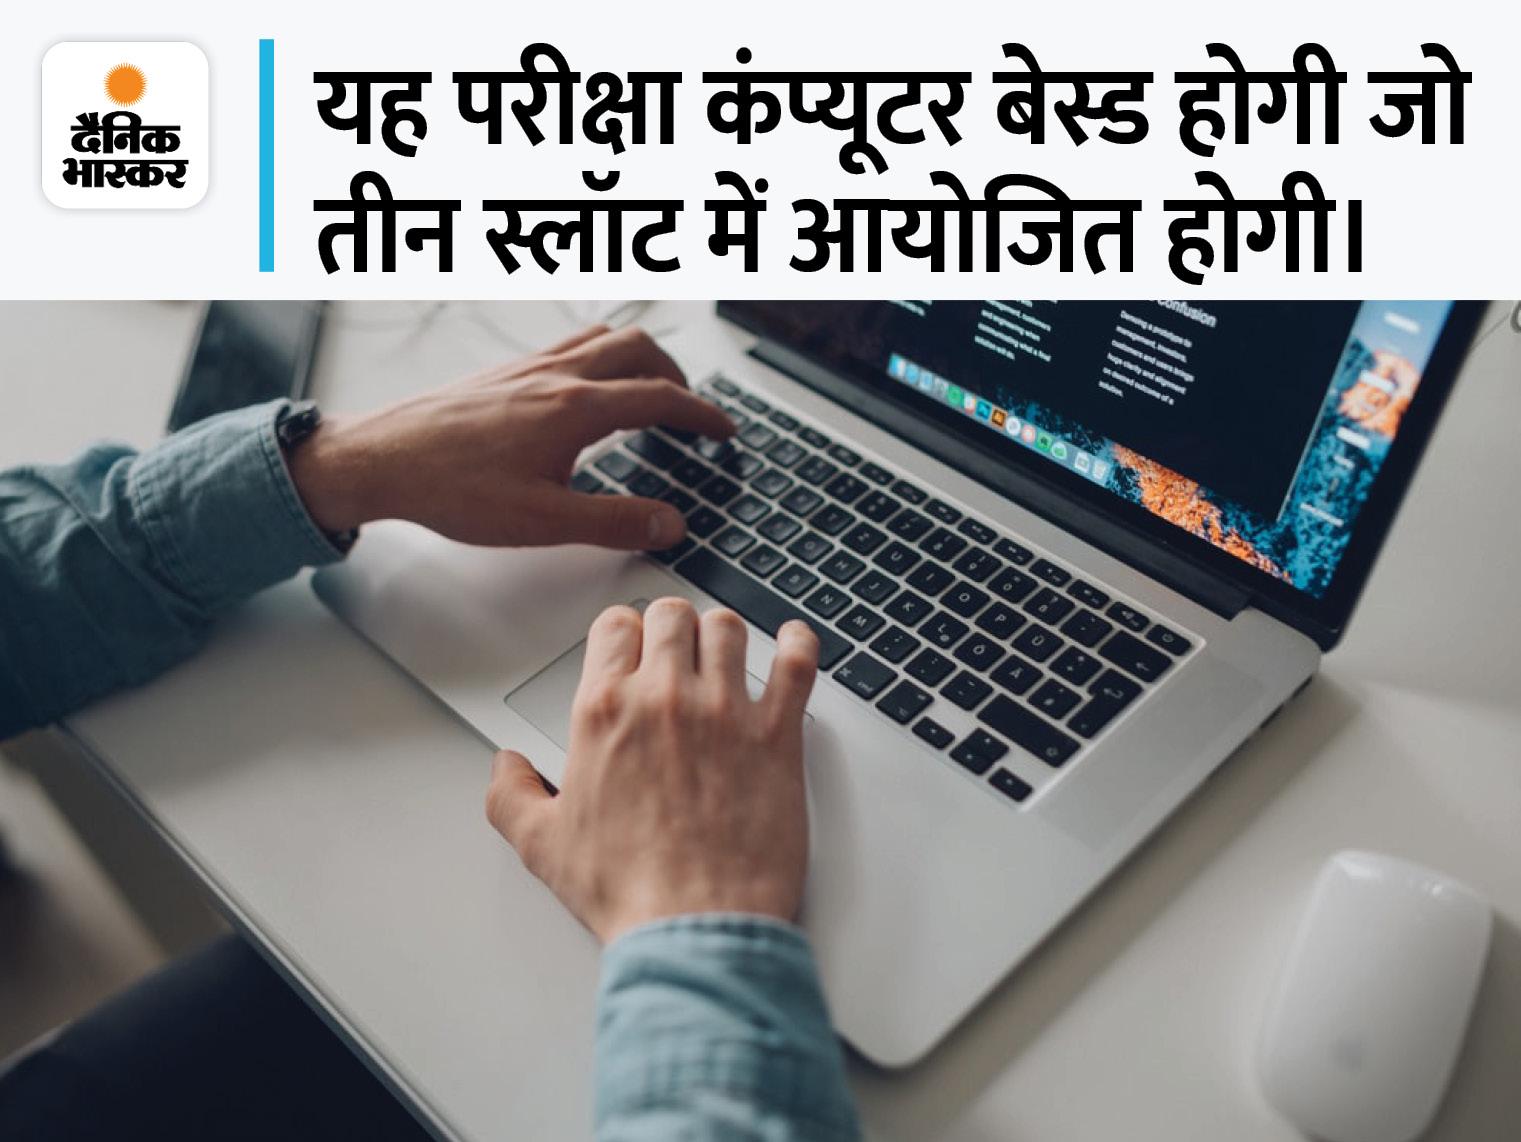 NTA ने दिल्ली यूनिवर्सिटी एंट्रेंस टेस्ट के एडमिट कार्ड जारी किए, देश के 27 शहरों में होगा प्रवेश परीक्षाओं का आयोजन|करिअर,Career - Dainik Bhaskar